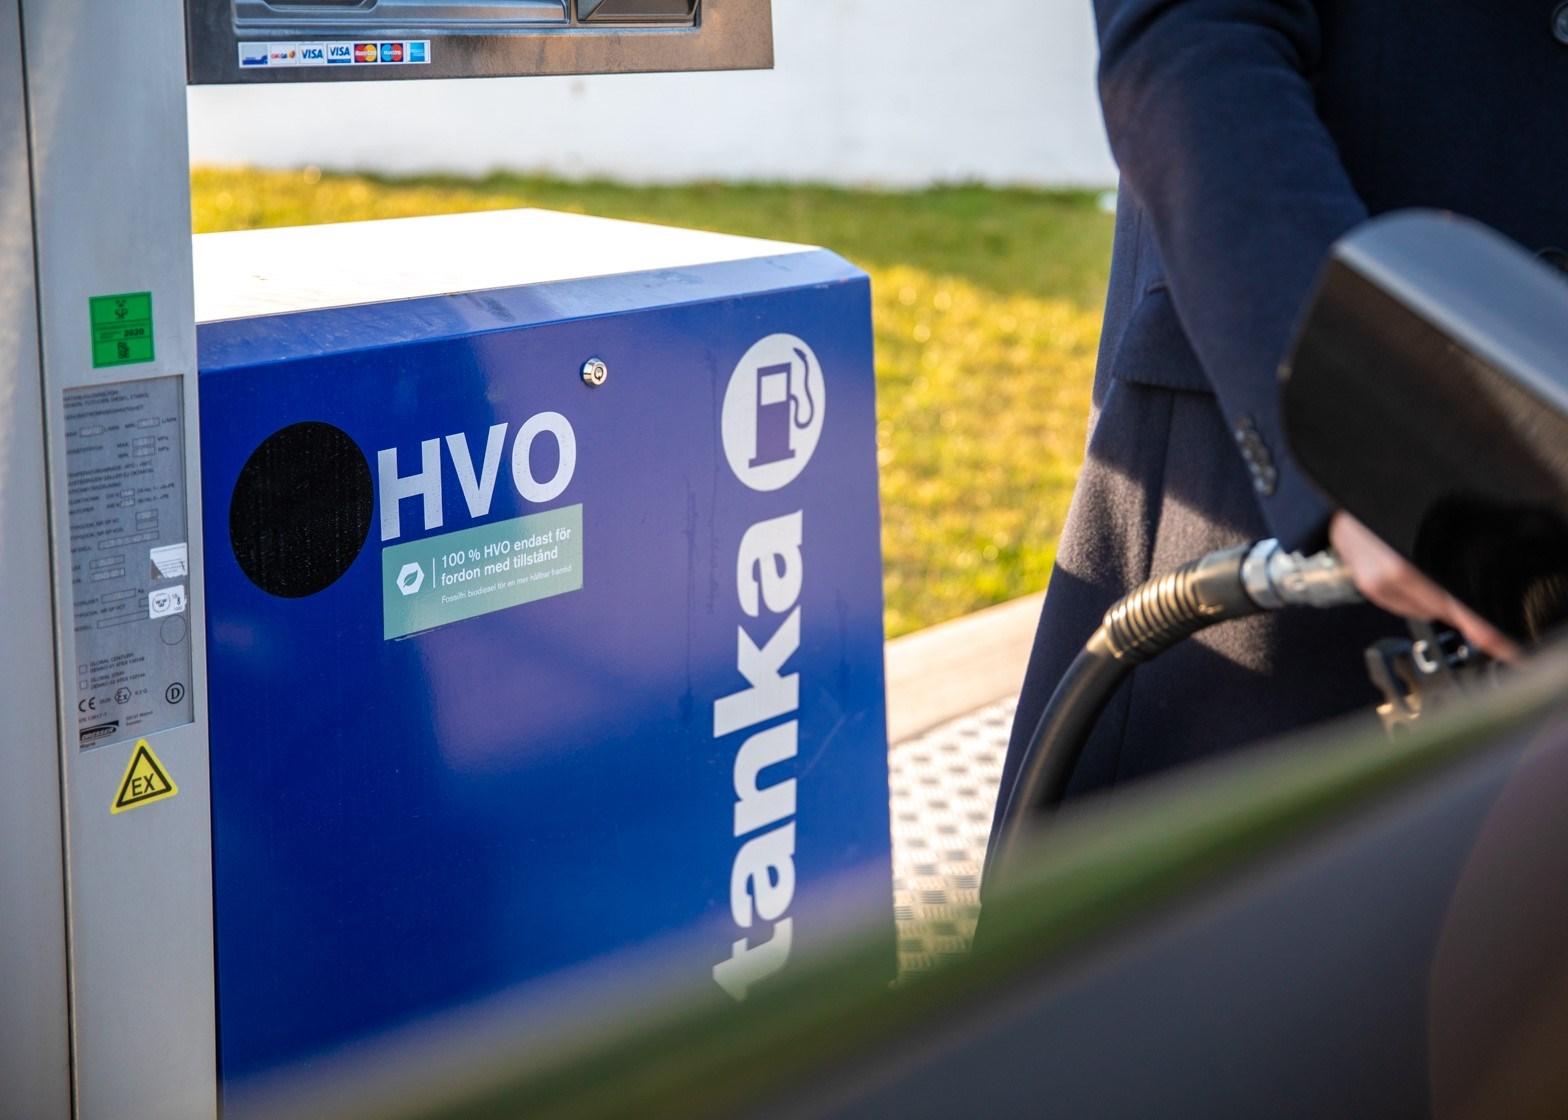 Volkswagen-dieslar godkänns för HVO100 Gäller hela koncernen!